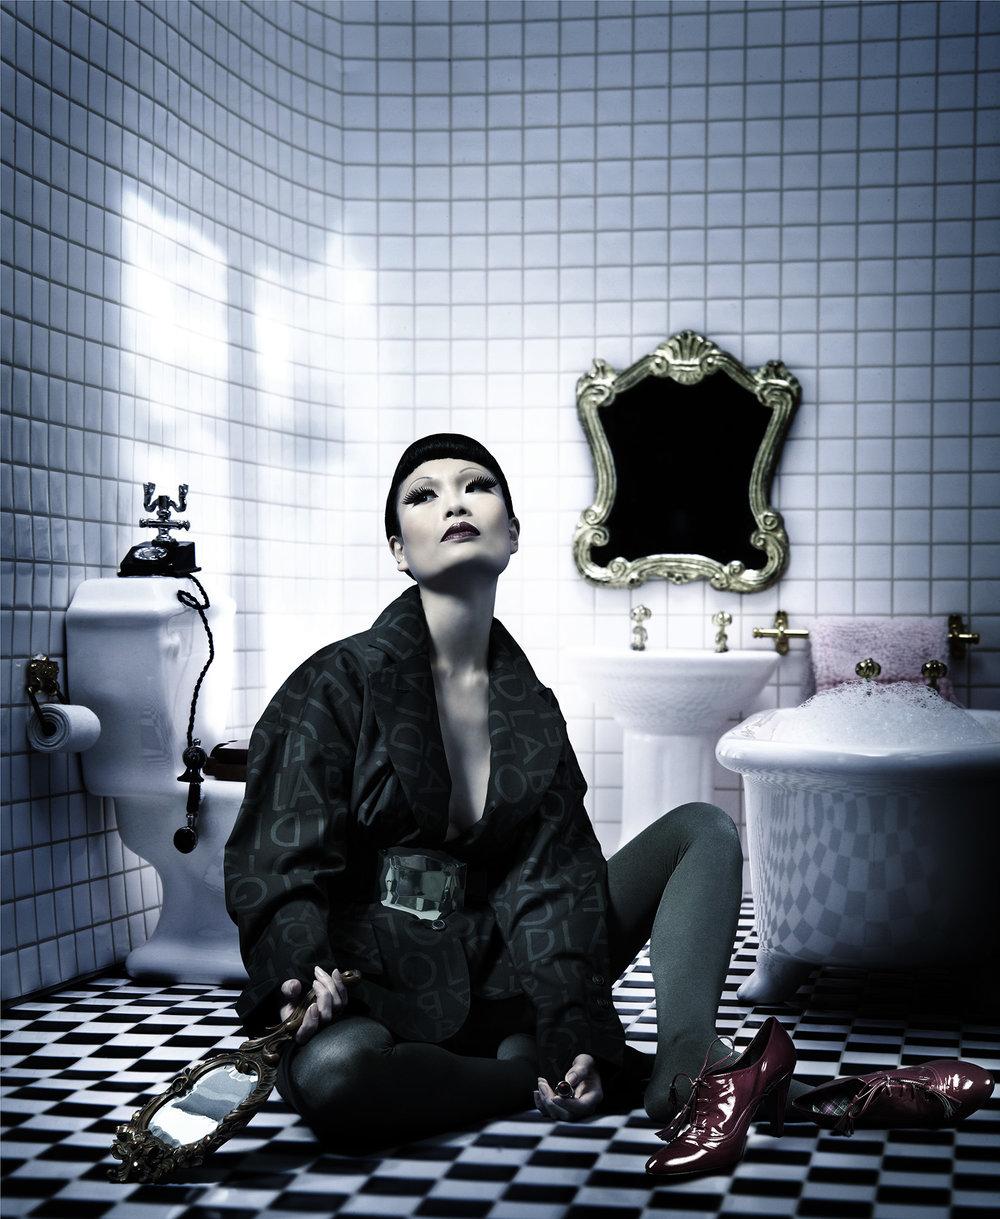 Anatol de cap Rouge - growing up - bathroom 2